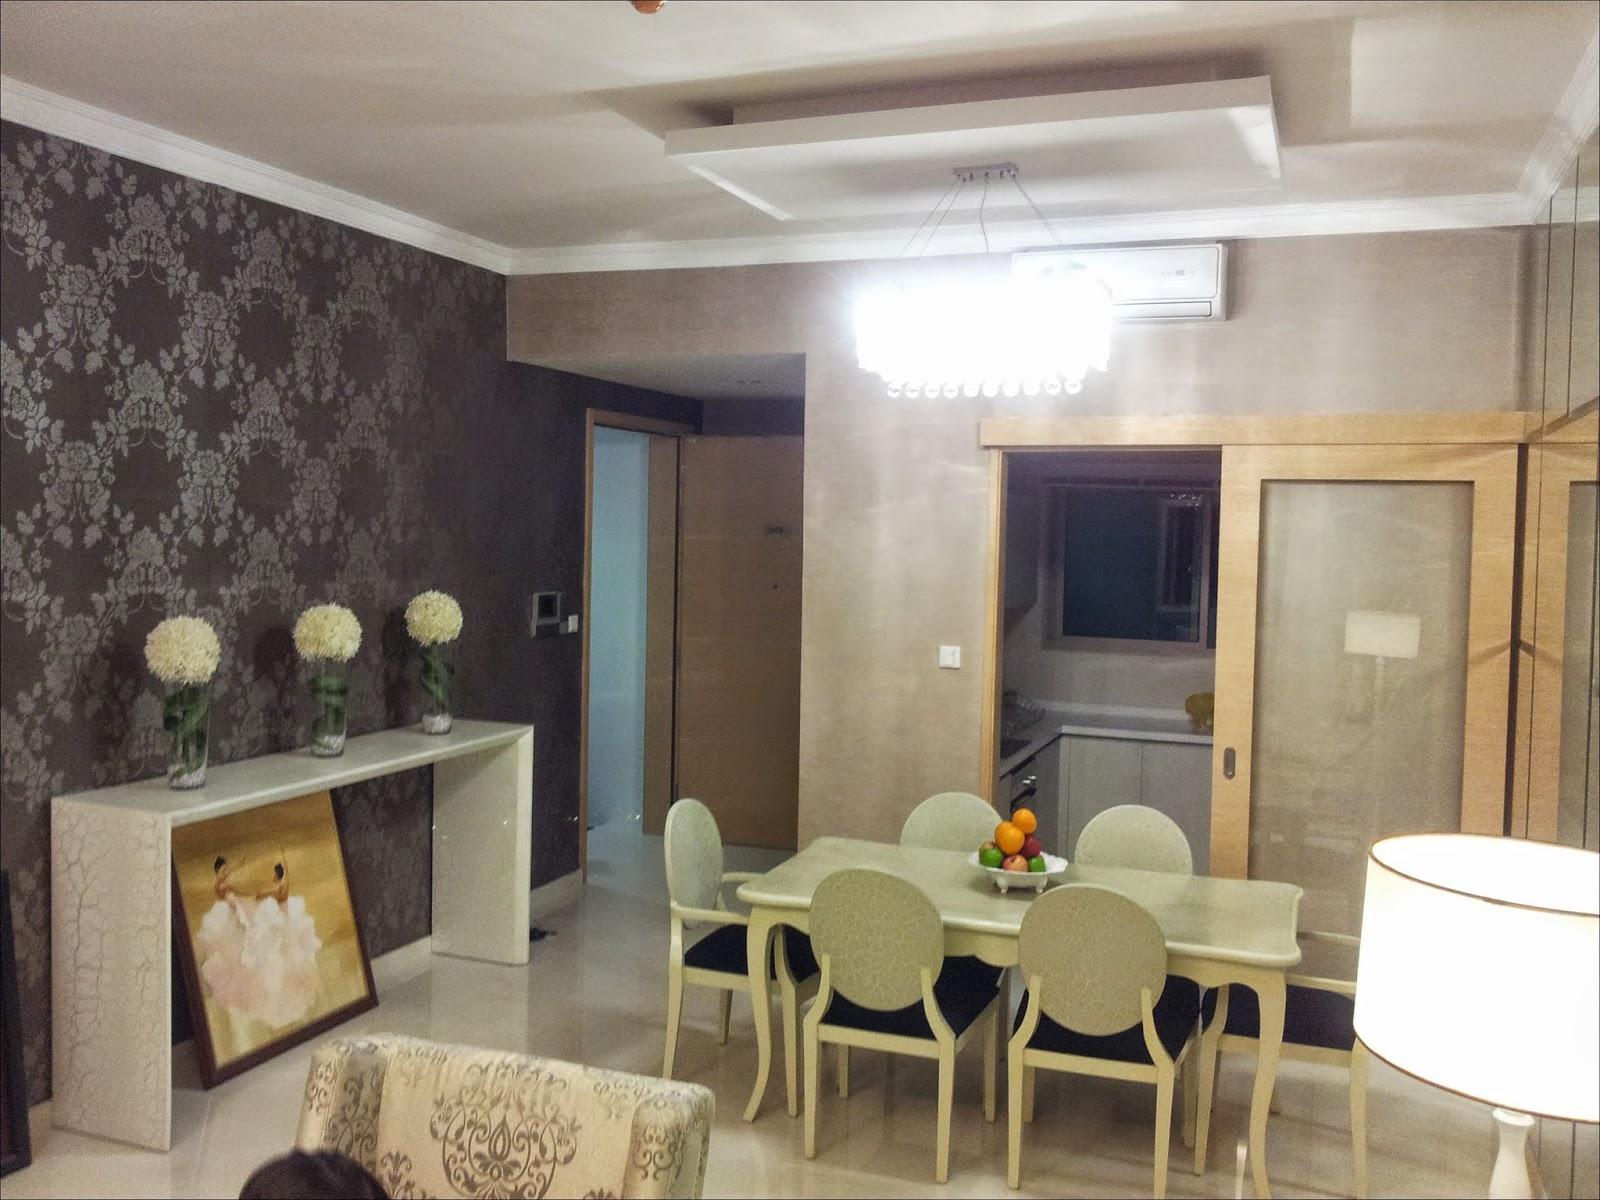 Phòng ăn căn hộ The Vista